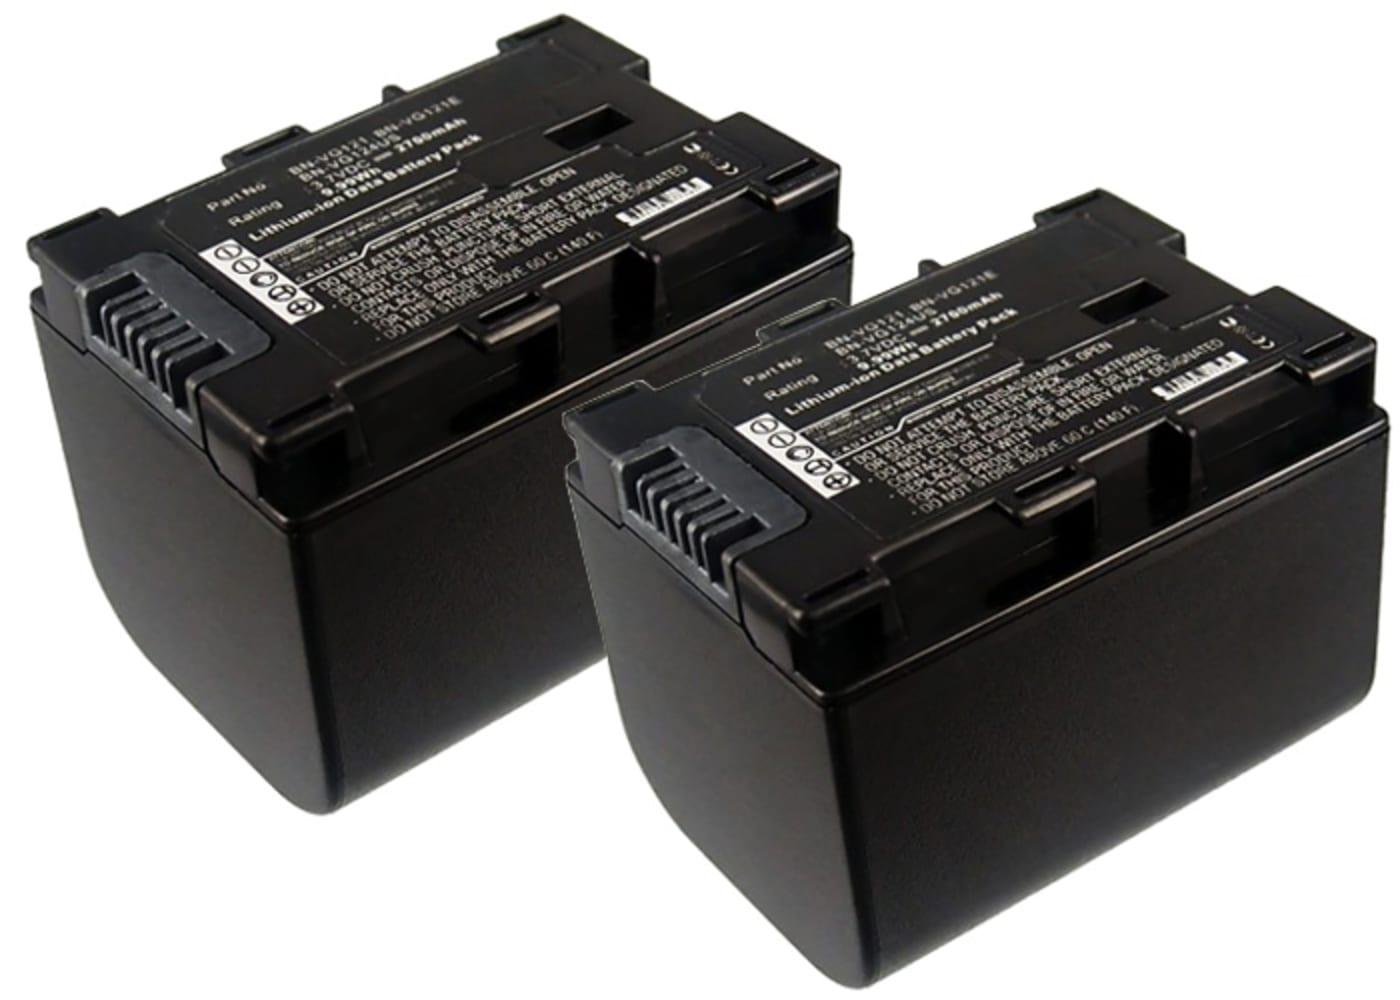 2x Batterie pour appareil photo JVC GZ-E15, GZ-EX315, -EX215, GZ-HM550, -HM30, -HM310, -HM330, GZ-HD620, GZ-MG750, GZ-MS110, -MS210 - BN-VG107 -VG108 -VG114 -VG121 2700mAh Batterie Remplacement